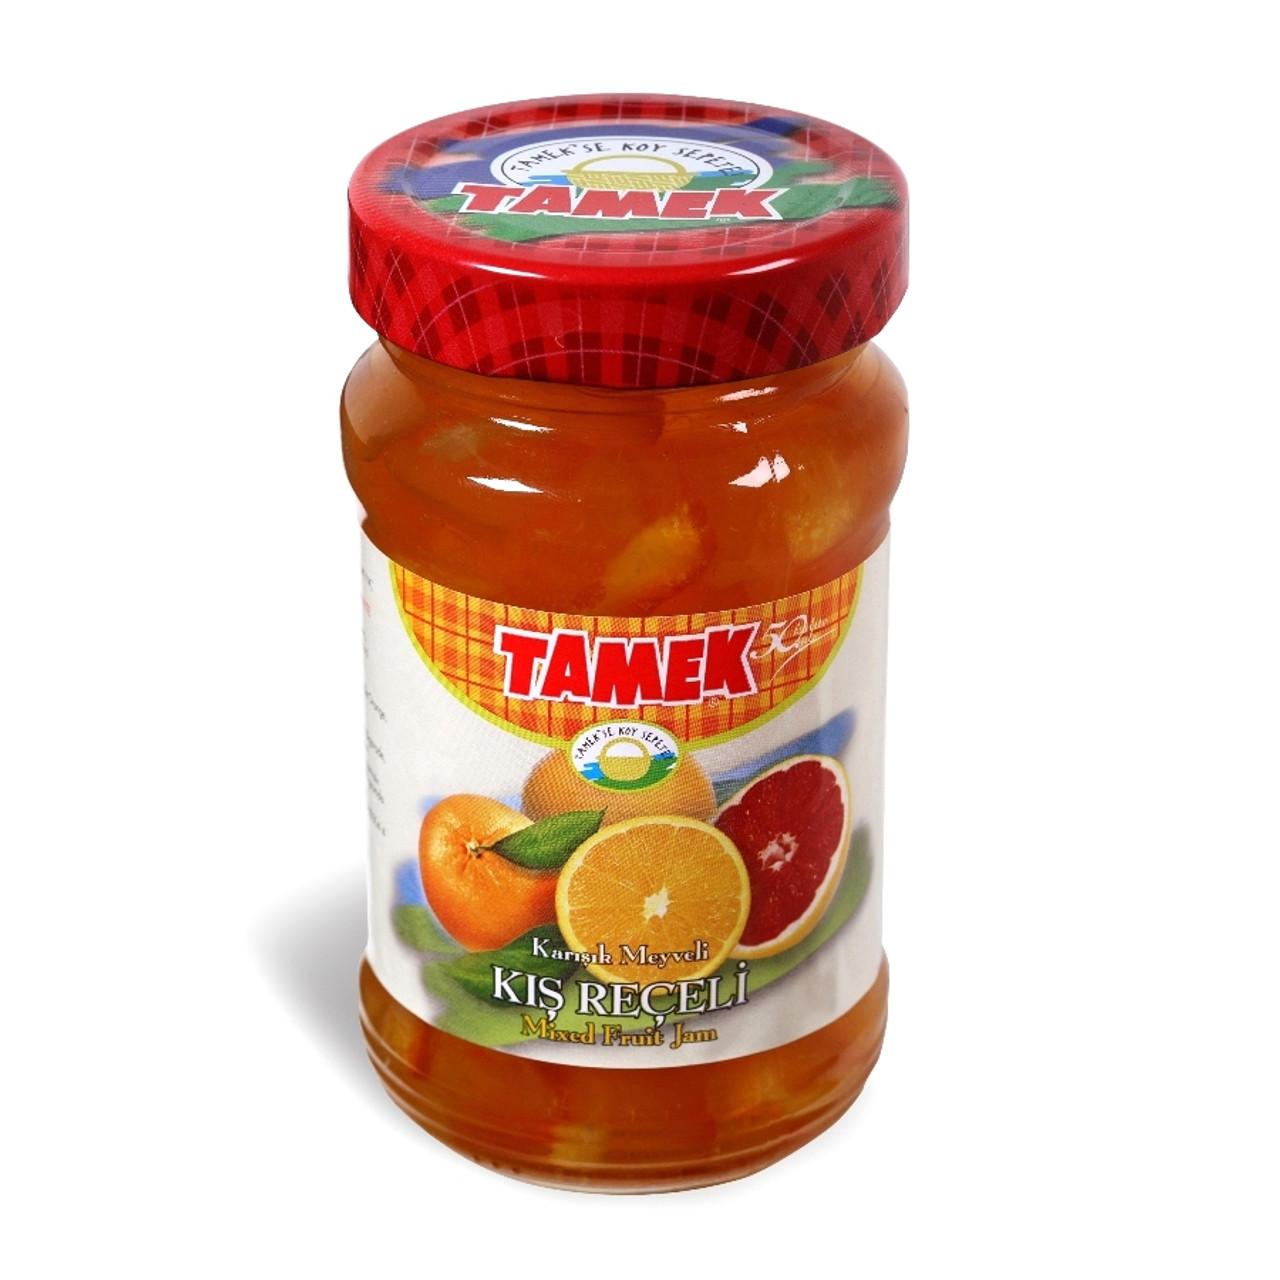 TAMEK MIXED FRUIT WINTER JAM (380G)